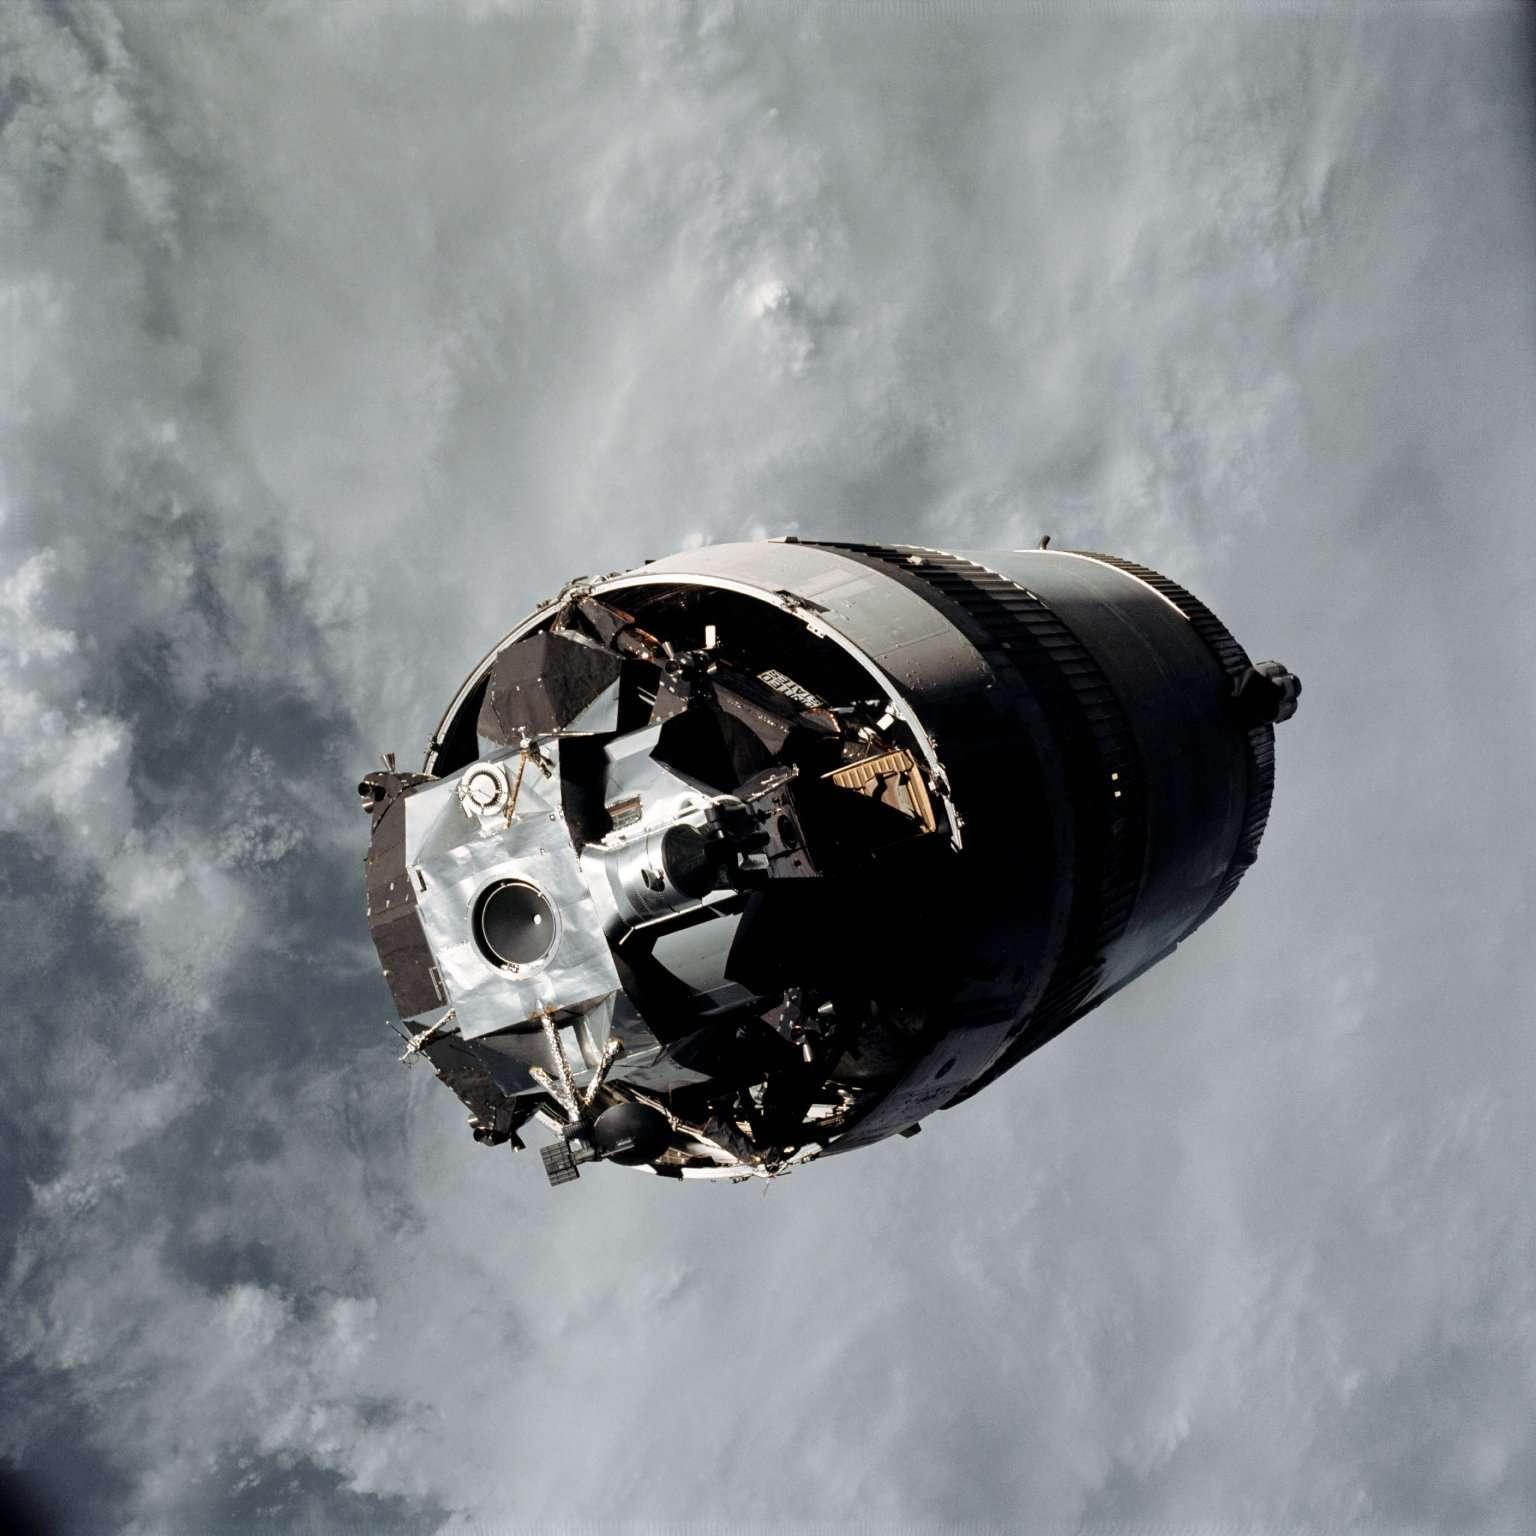 À partir d'Apollo 13, le réservoir allait (volontairement) s'écraser à chaque fois sur la surface de la Lune. La sonde LRO (Lunar Reconnaissance Orbiter Camera) les a tous retrouvés, y compris celui d'Apollo 16 qui fut longtemps recherché. Ici, l'étage S-IVB d'une fusée Saturn V qui a propulsé la mission Apollo 9. © Nasa